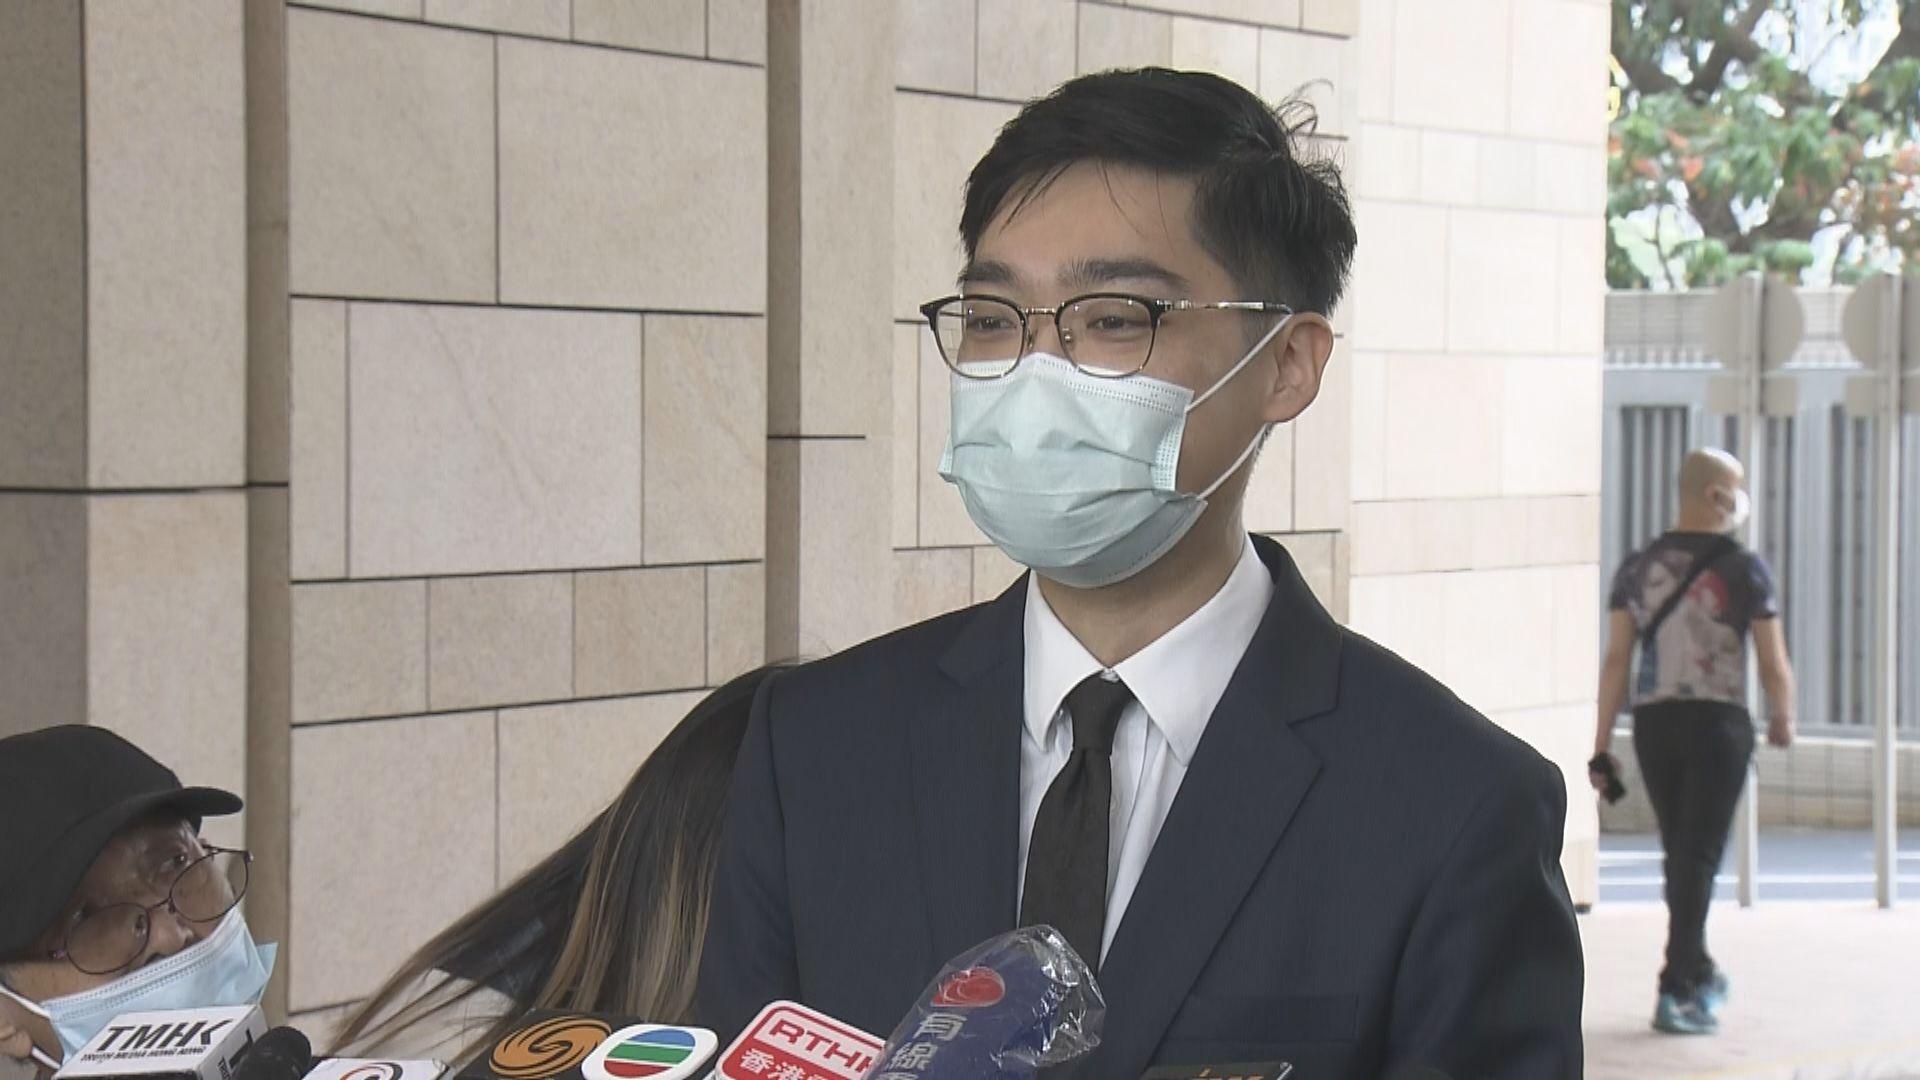 陳浩天非法集結及襲警兩罪不成立 官指無足夠證據證明被告身份